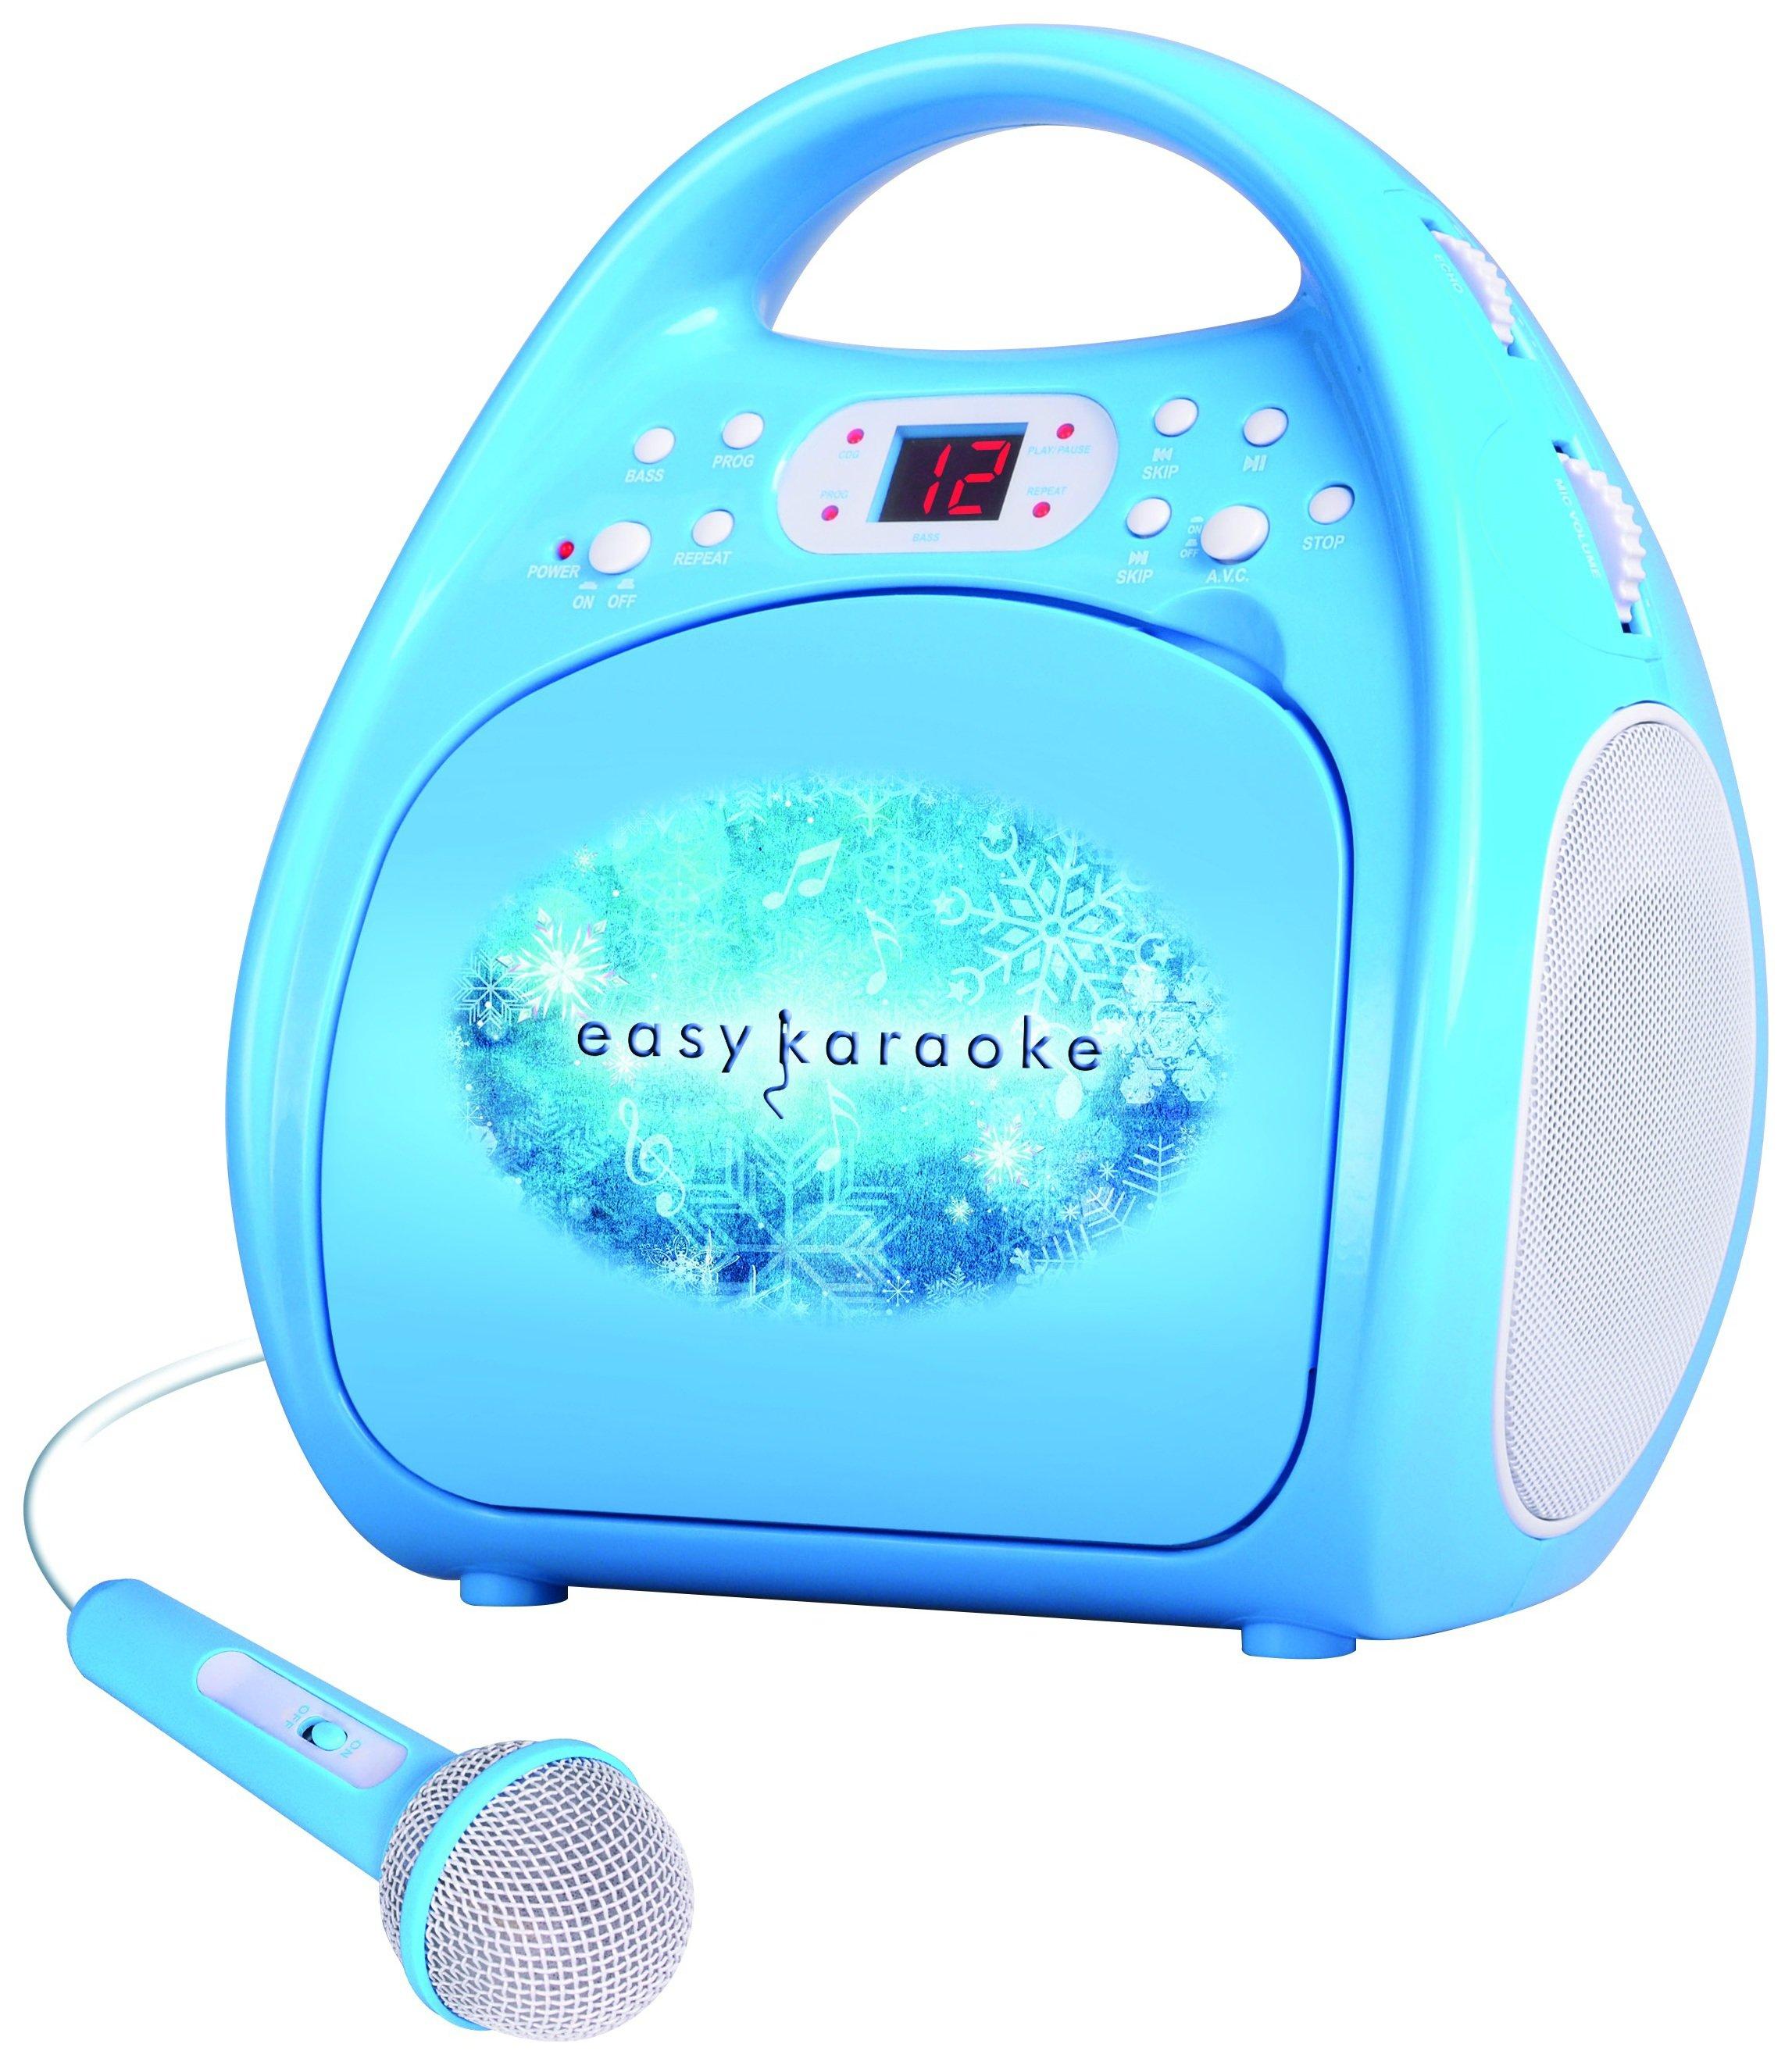 Easy Karaoke Easy Karaoke EKS-123 Karaoke Boom Box.